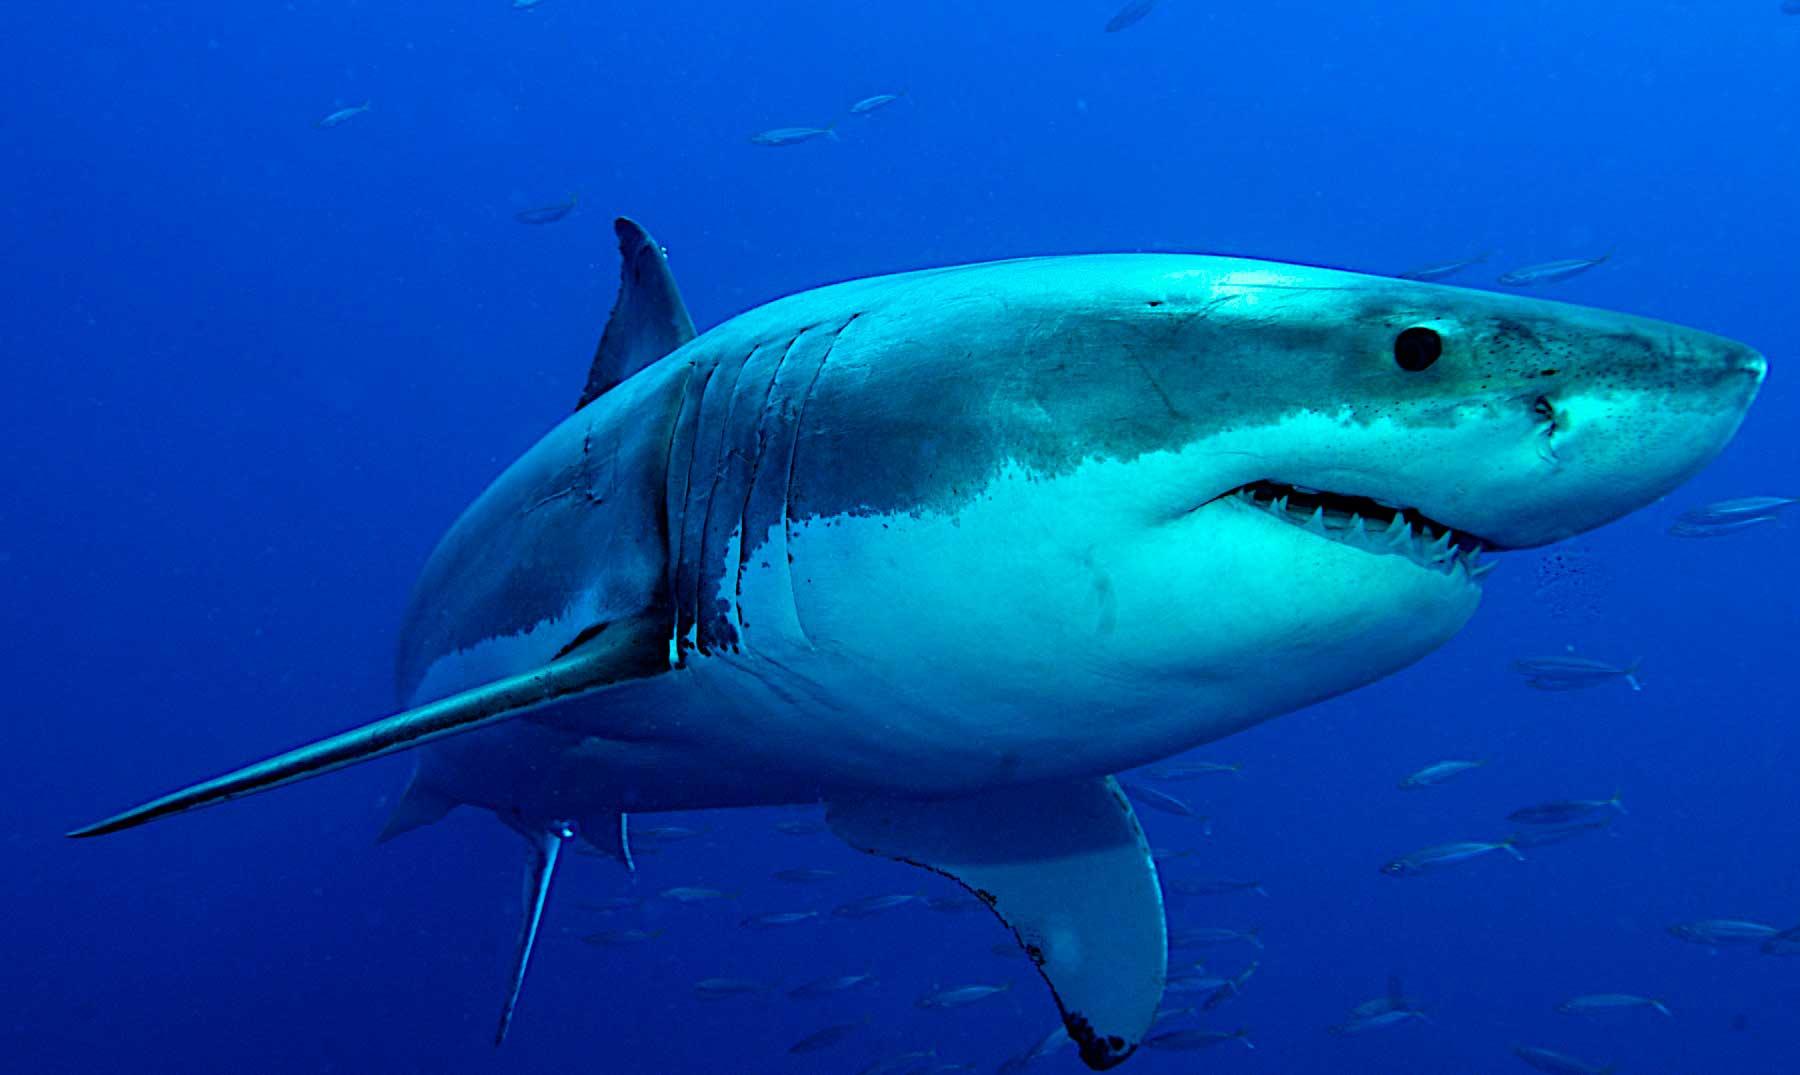 Detectado un tiburón blanco de 6 metros en Granadilla Abona